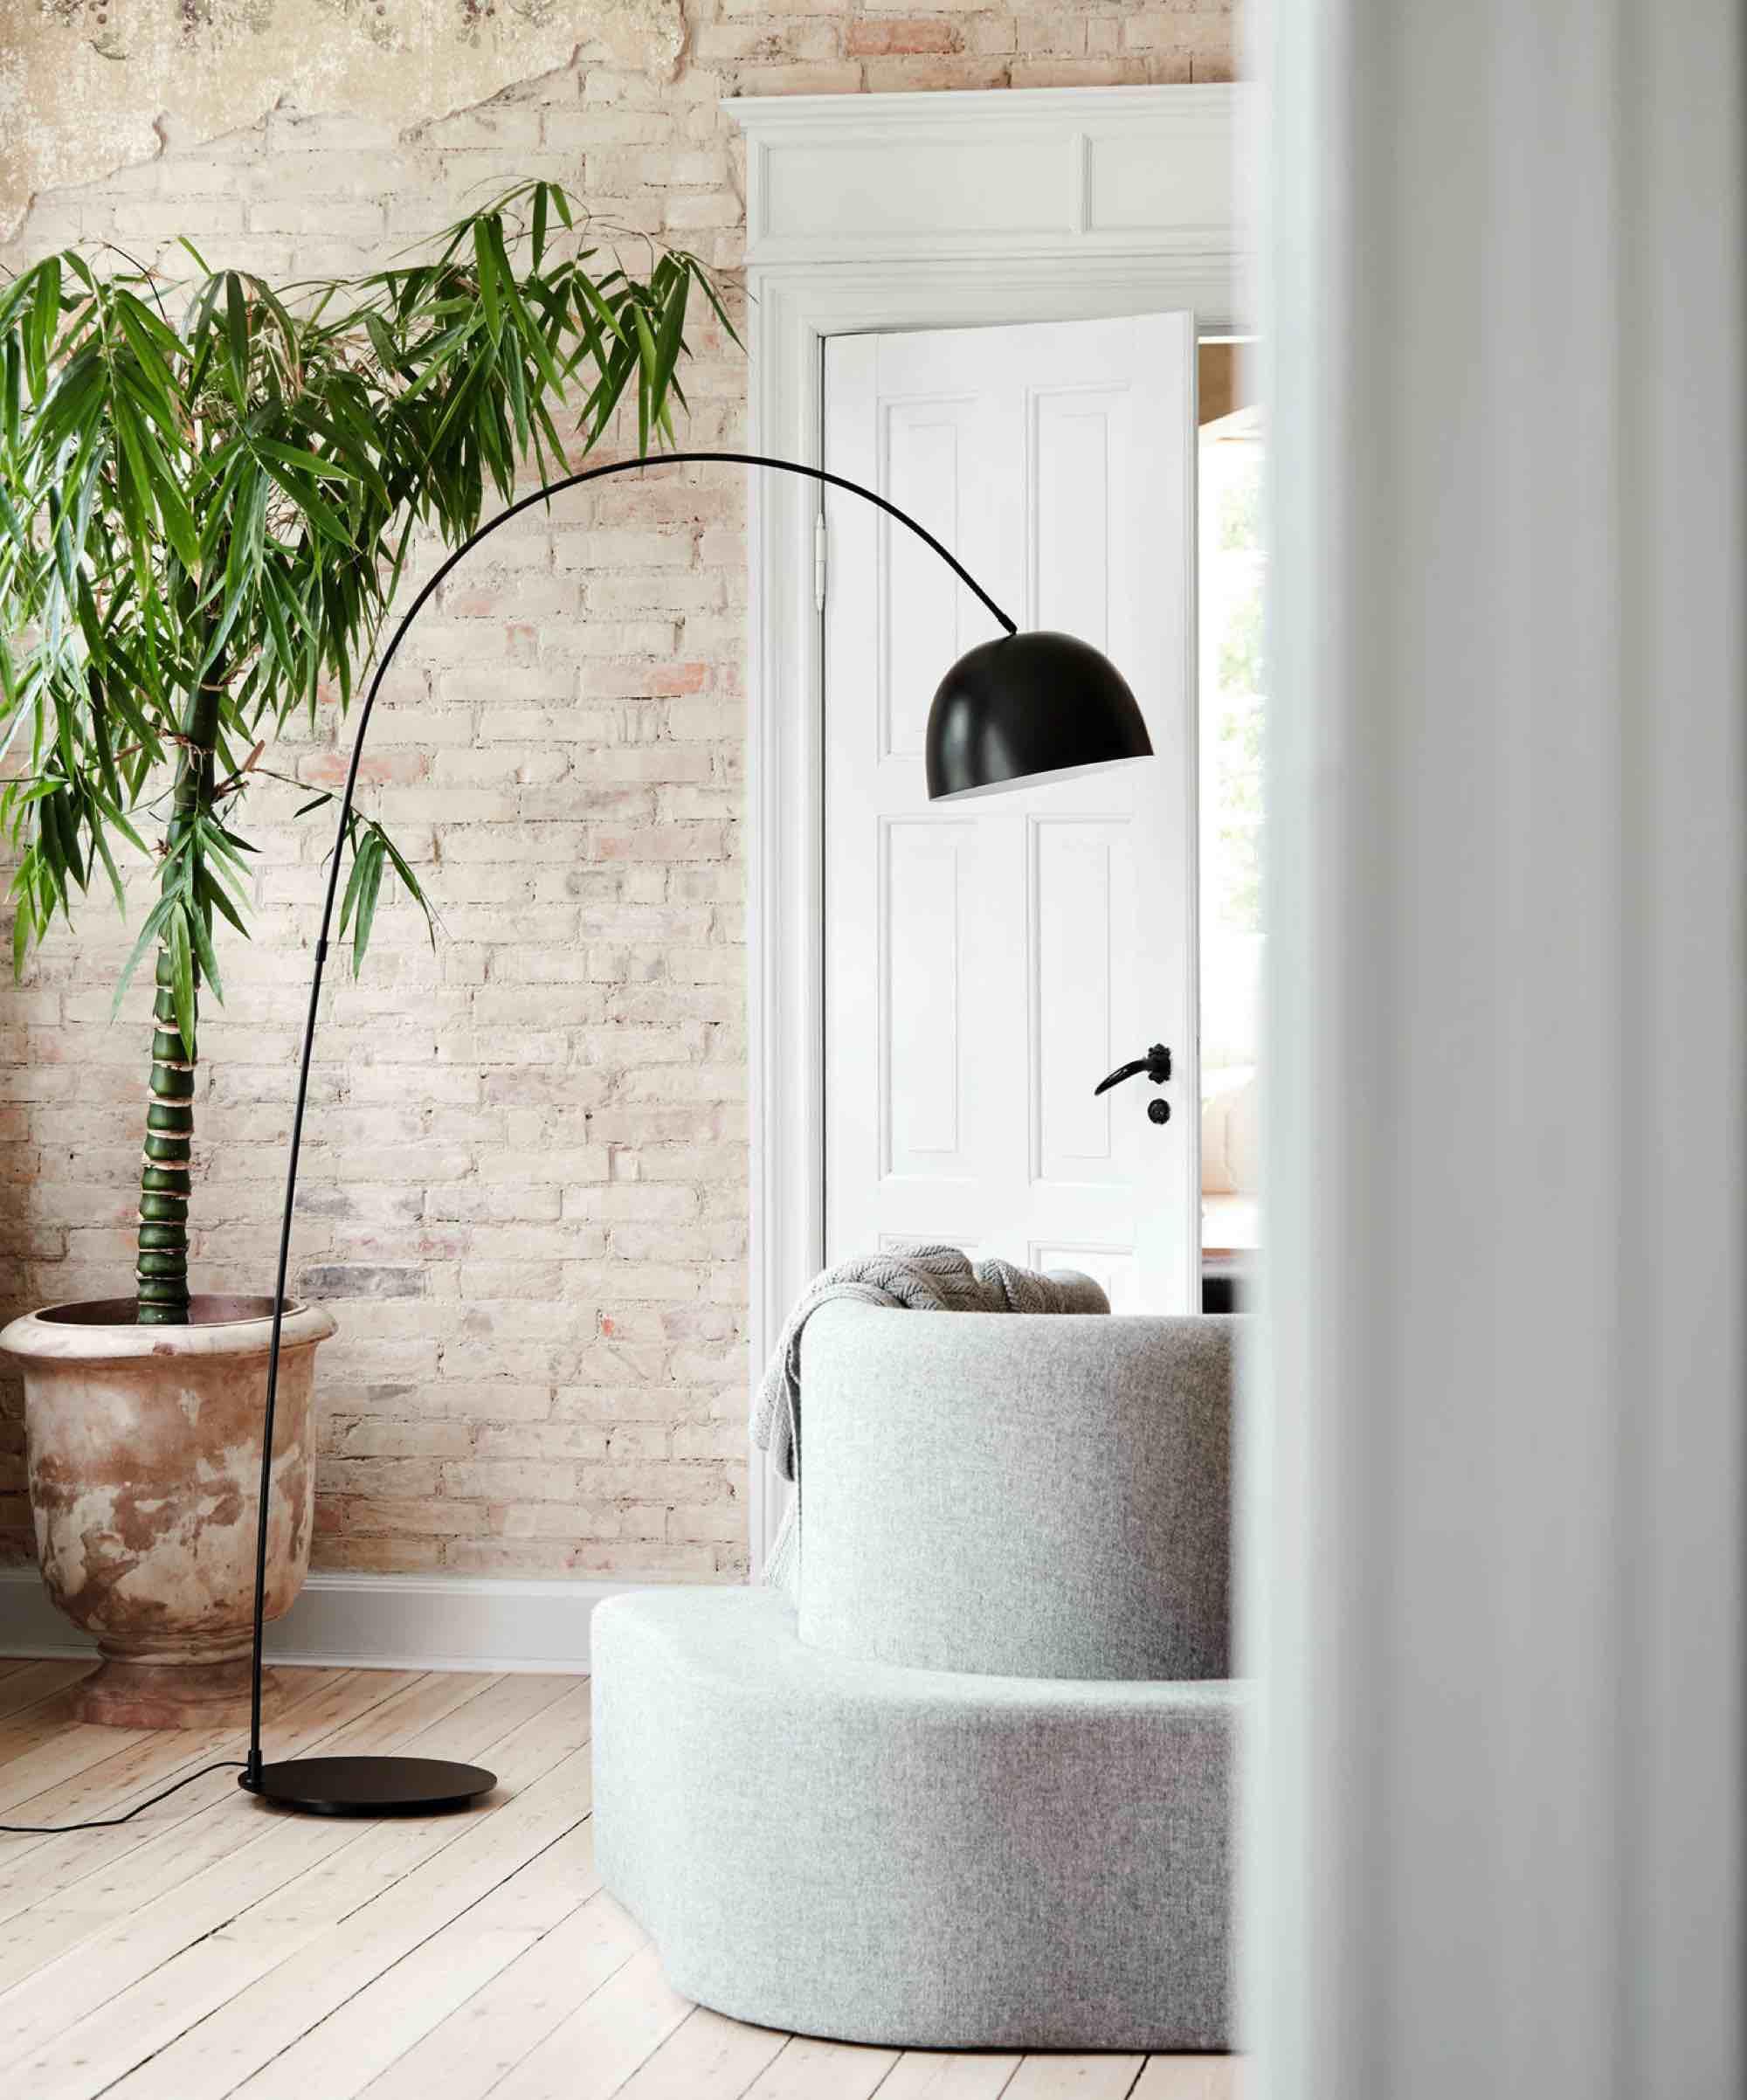 Frandsen Ninove Lucca lamp